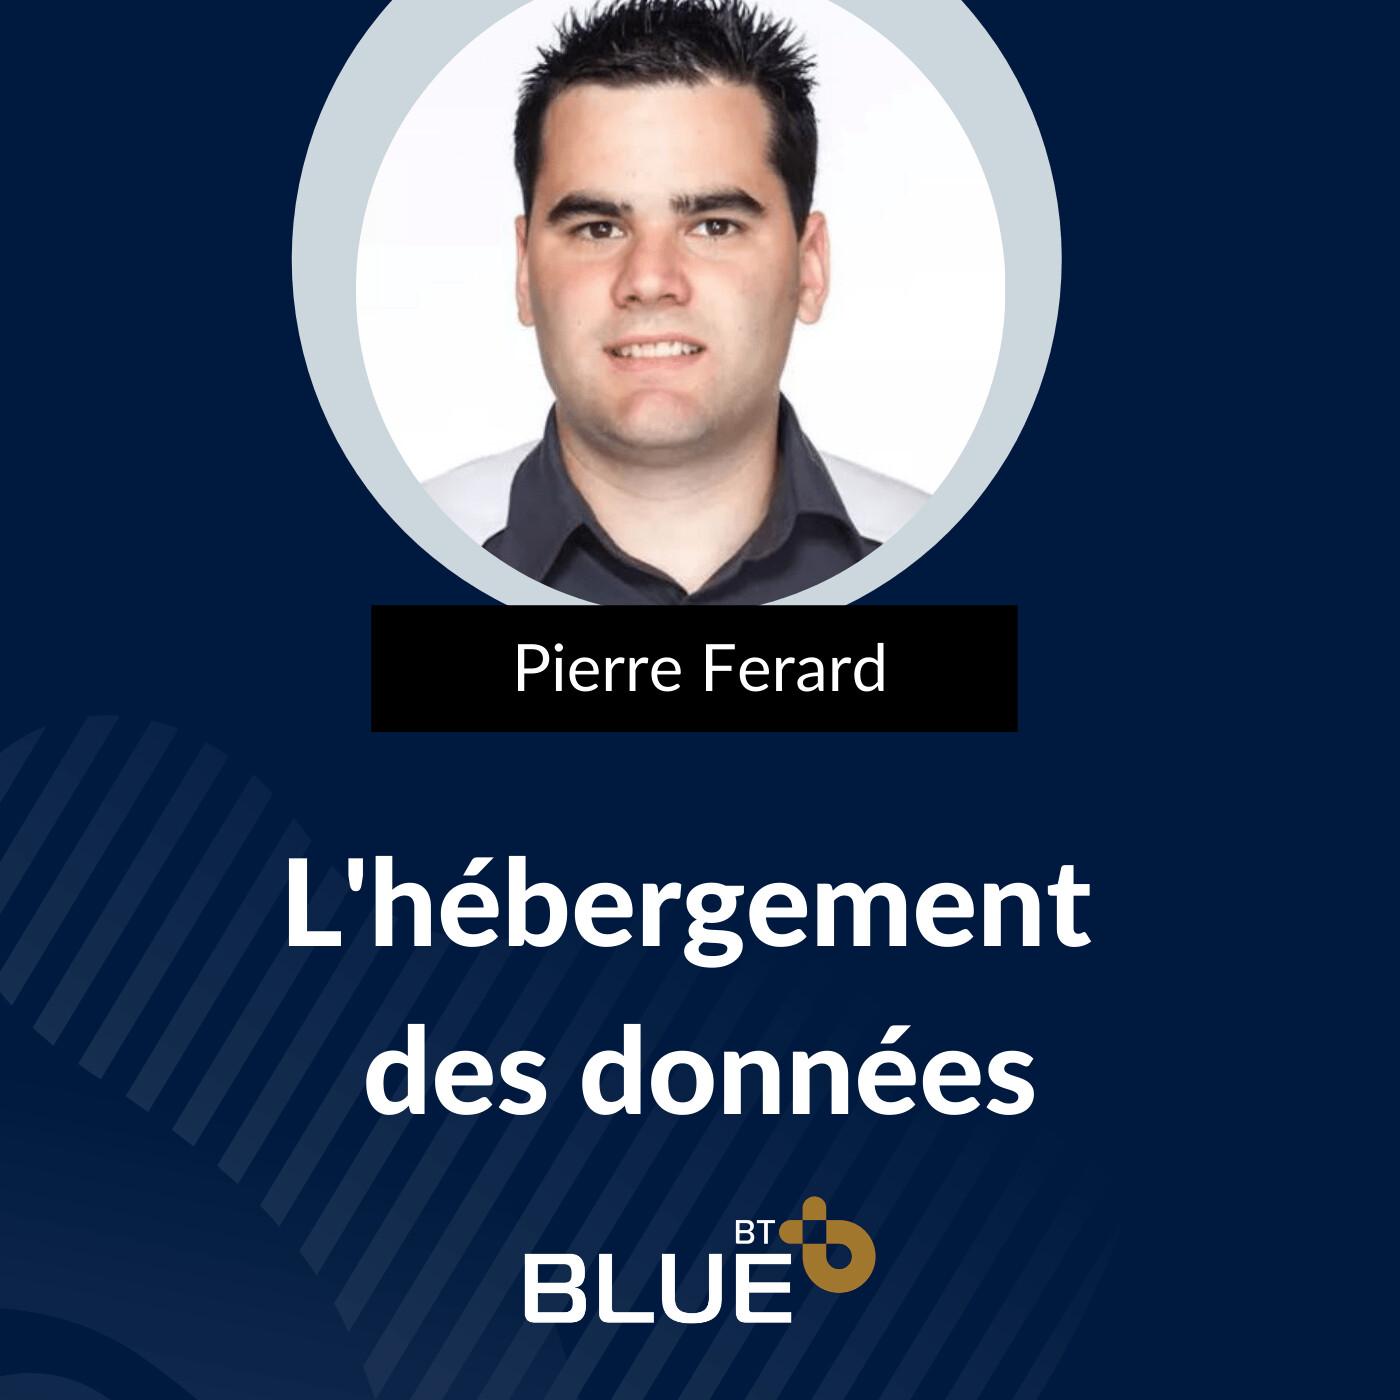 Expert IT & Cyber - Hébergement des données - Pierre Ferard